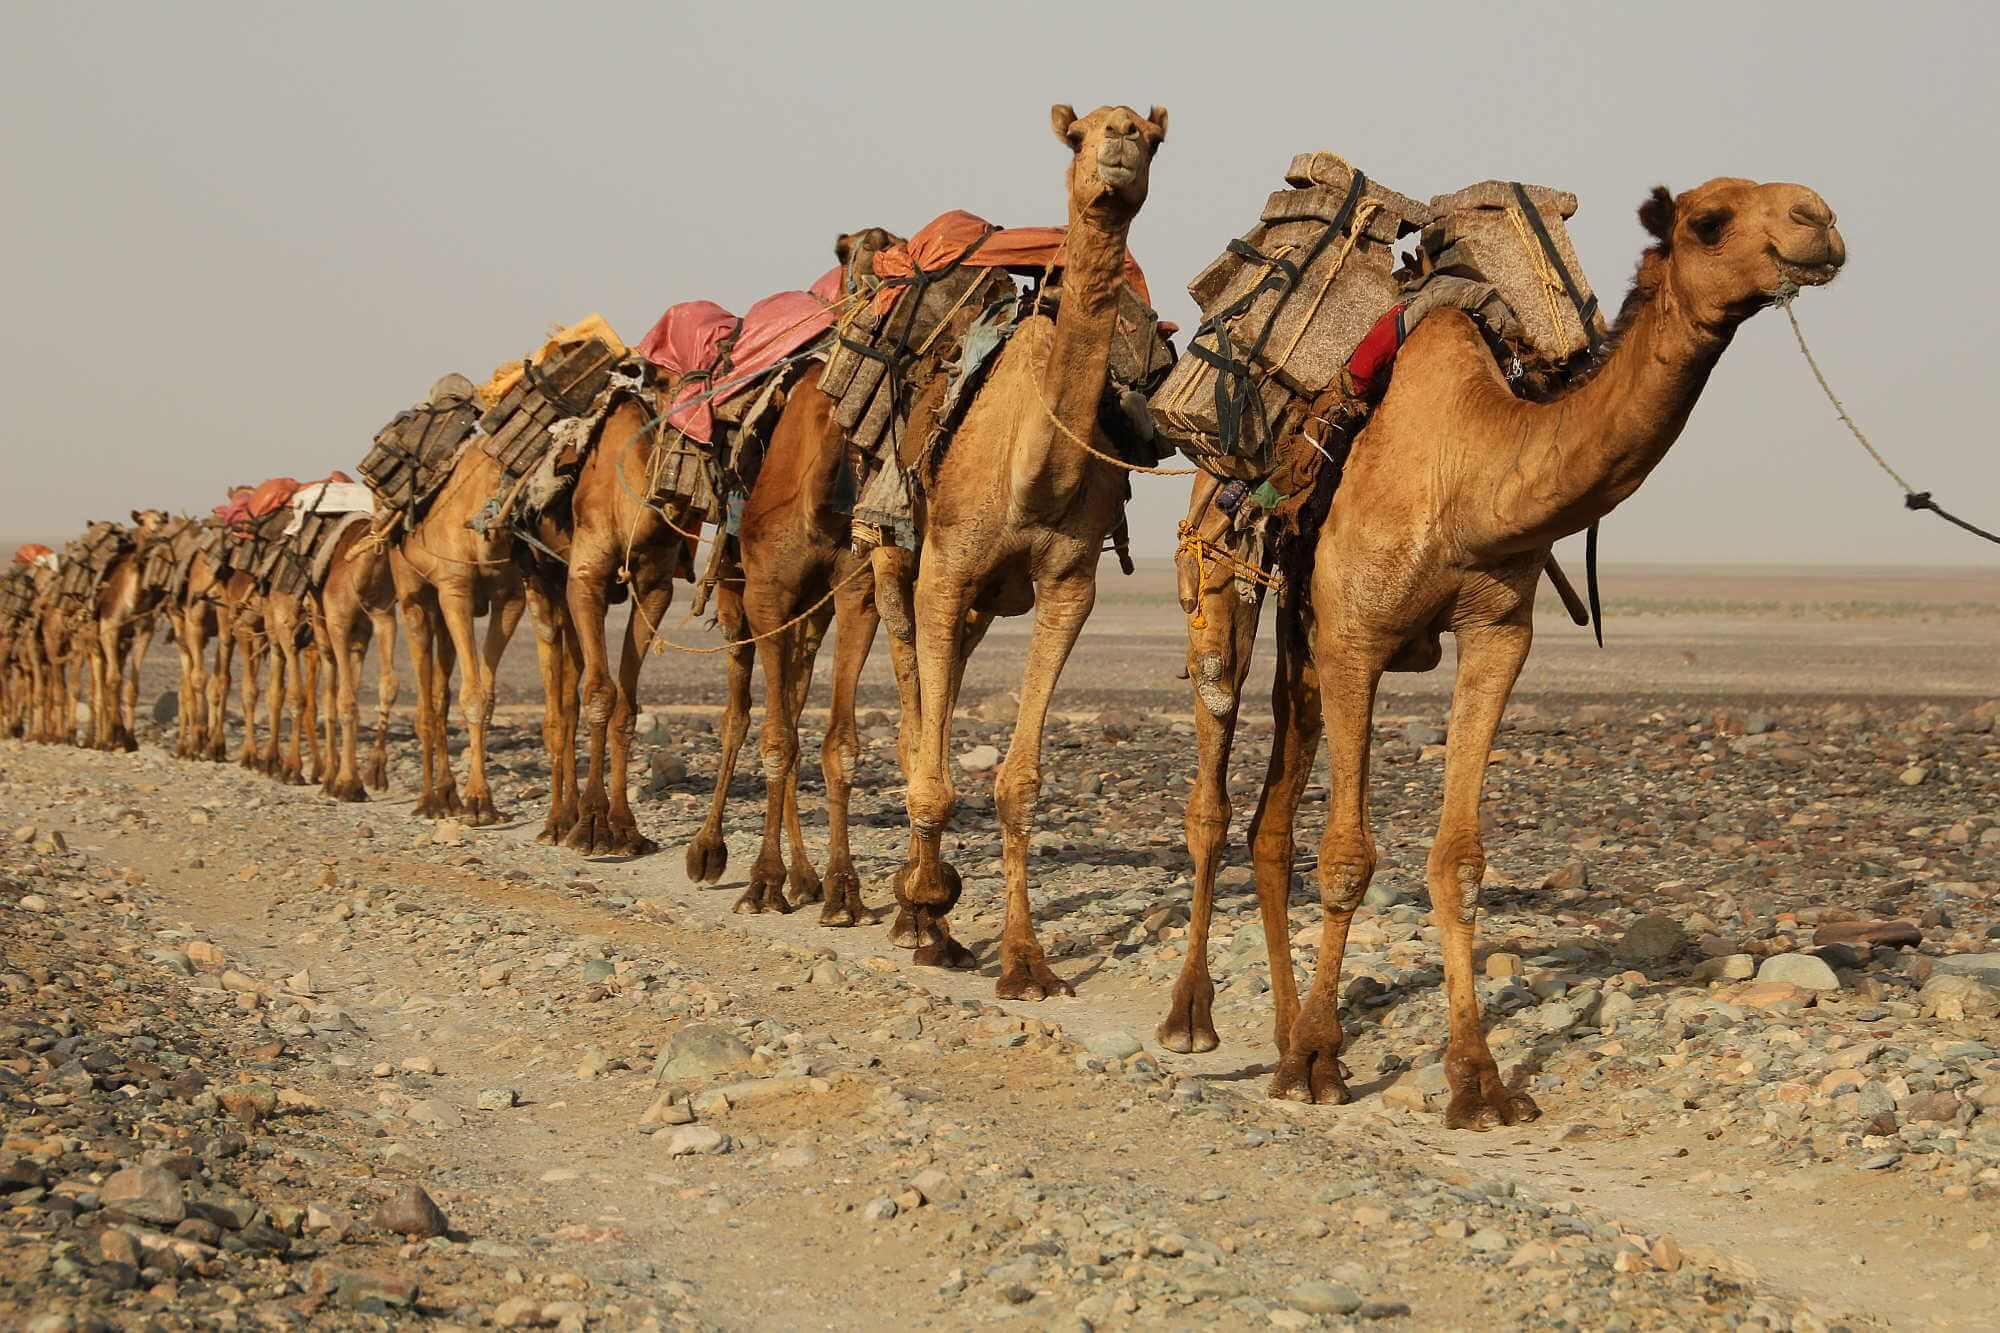 caravan of camels photo